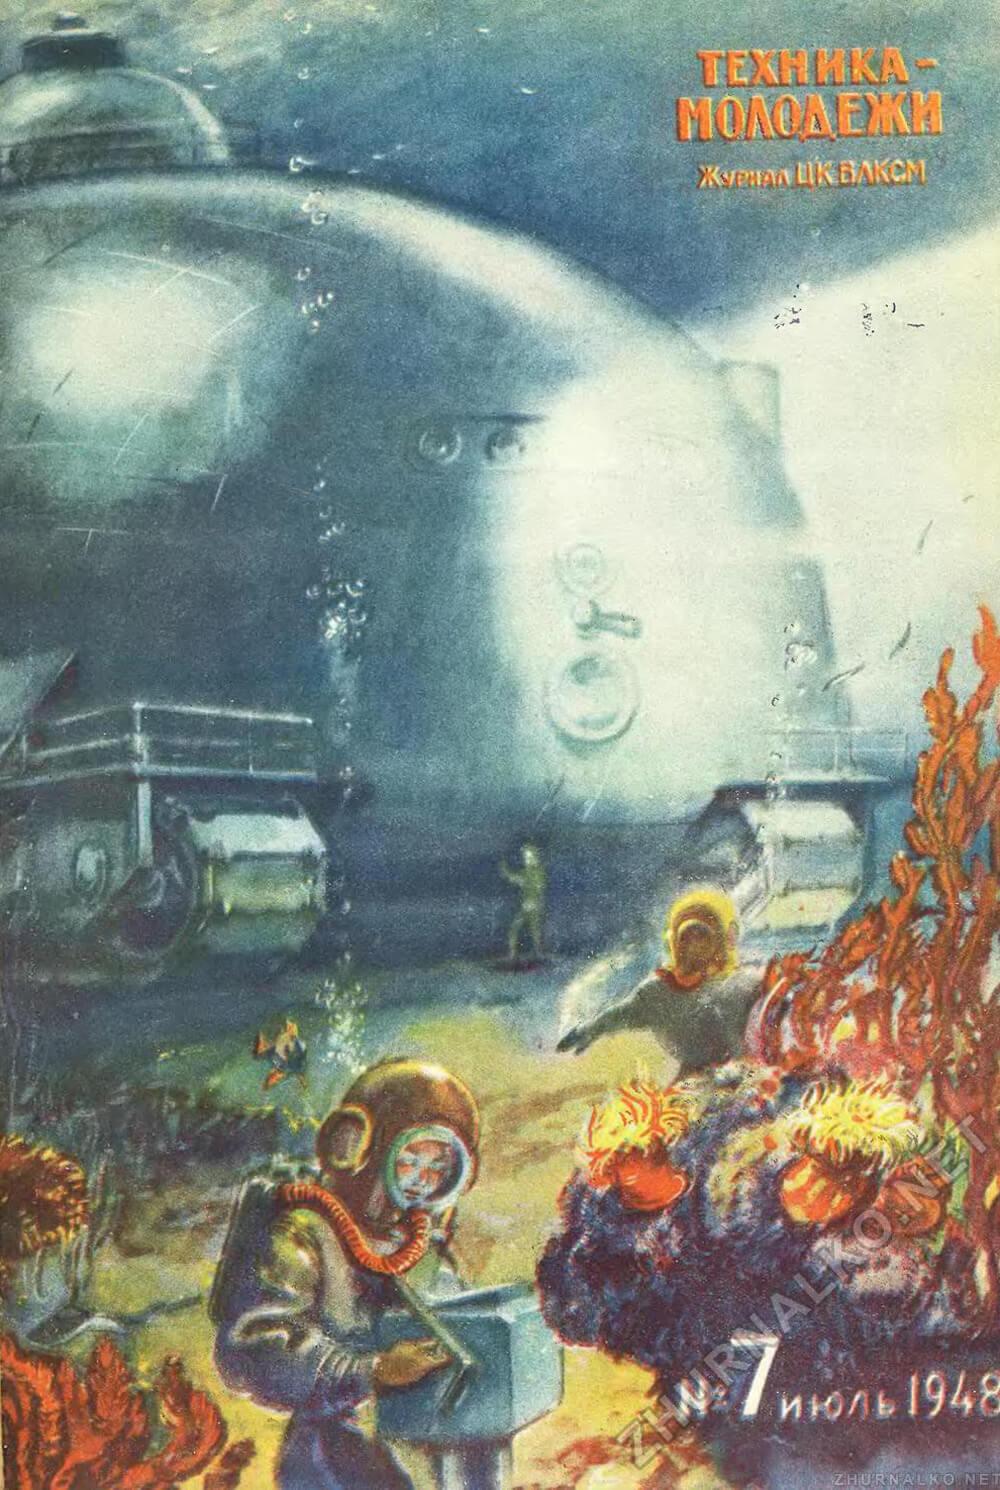 Así imaginaban el futuro en la antigua Unión Soviética Transpor5